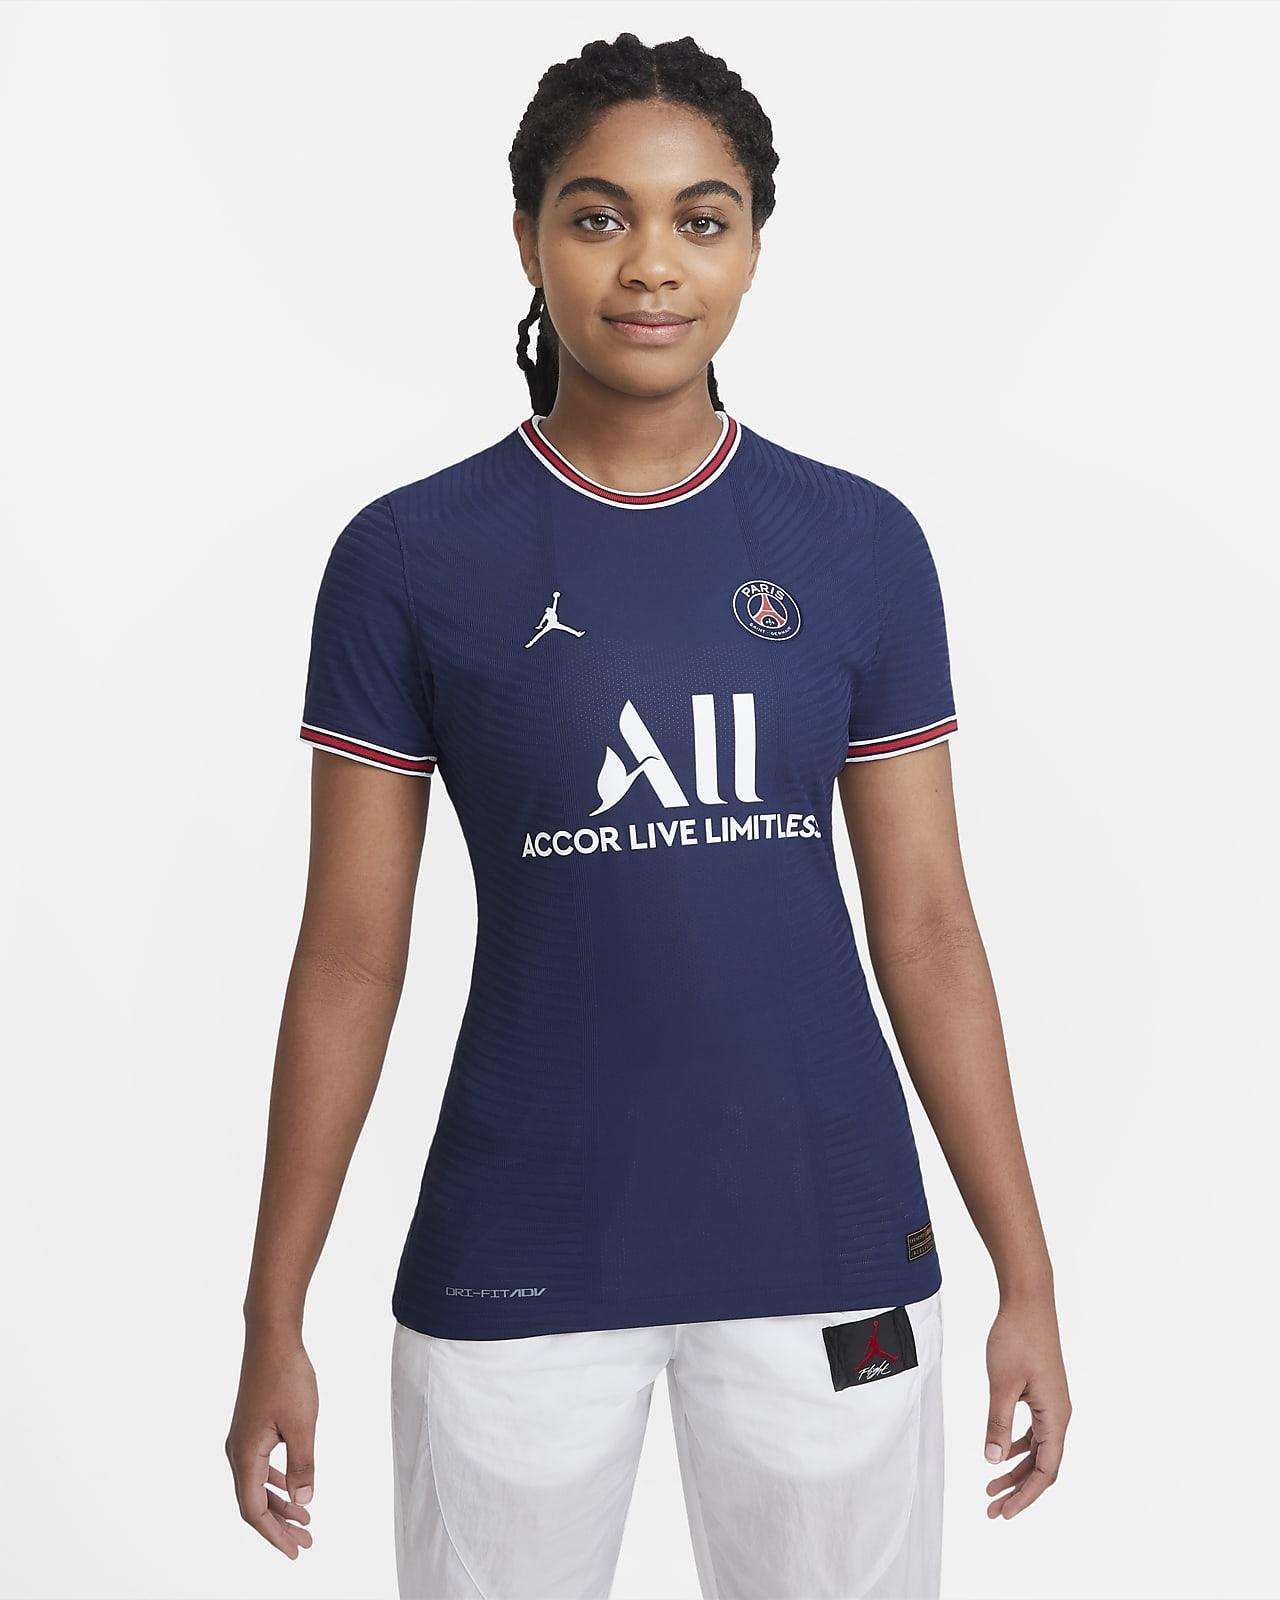 Maillot de football Nike Dri-FIT ADV Paris Saint-Germain 2021/22 Match Domicile pour Femme